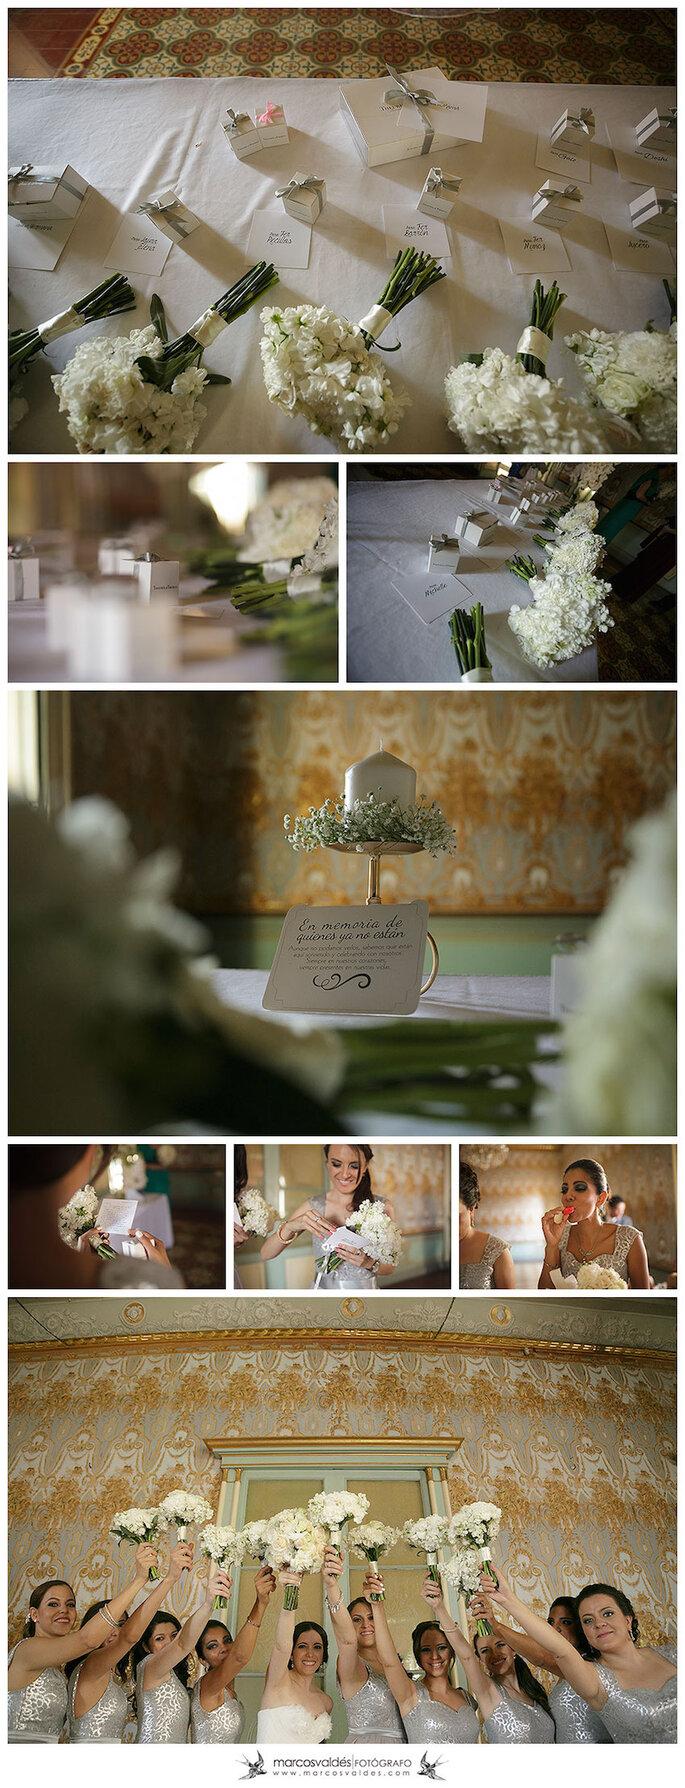 Katia y Juan Carlos: Una boda especial en la Casona de los 5 patios - Marcos Valdés